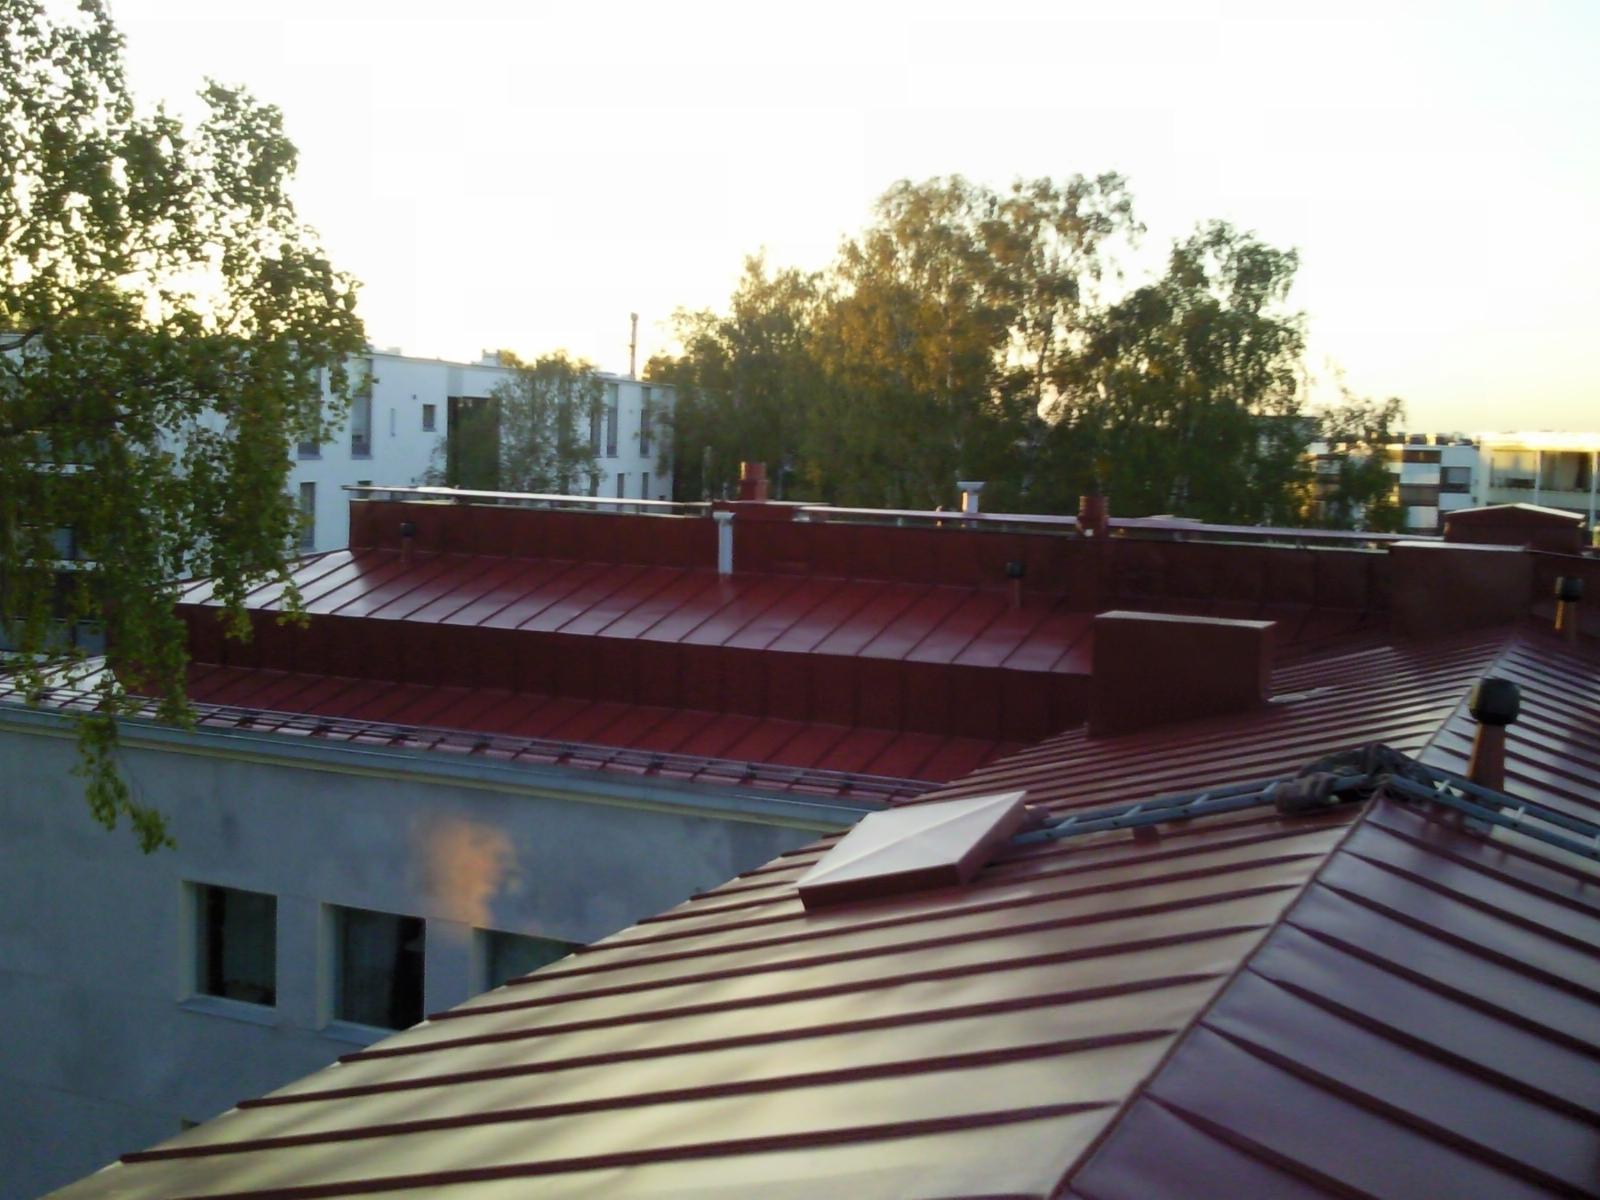 Kattotyöt helsinki vantaa espoo pelkikaton maalaus konesaumakatto katto